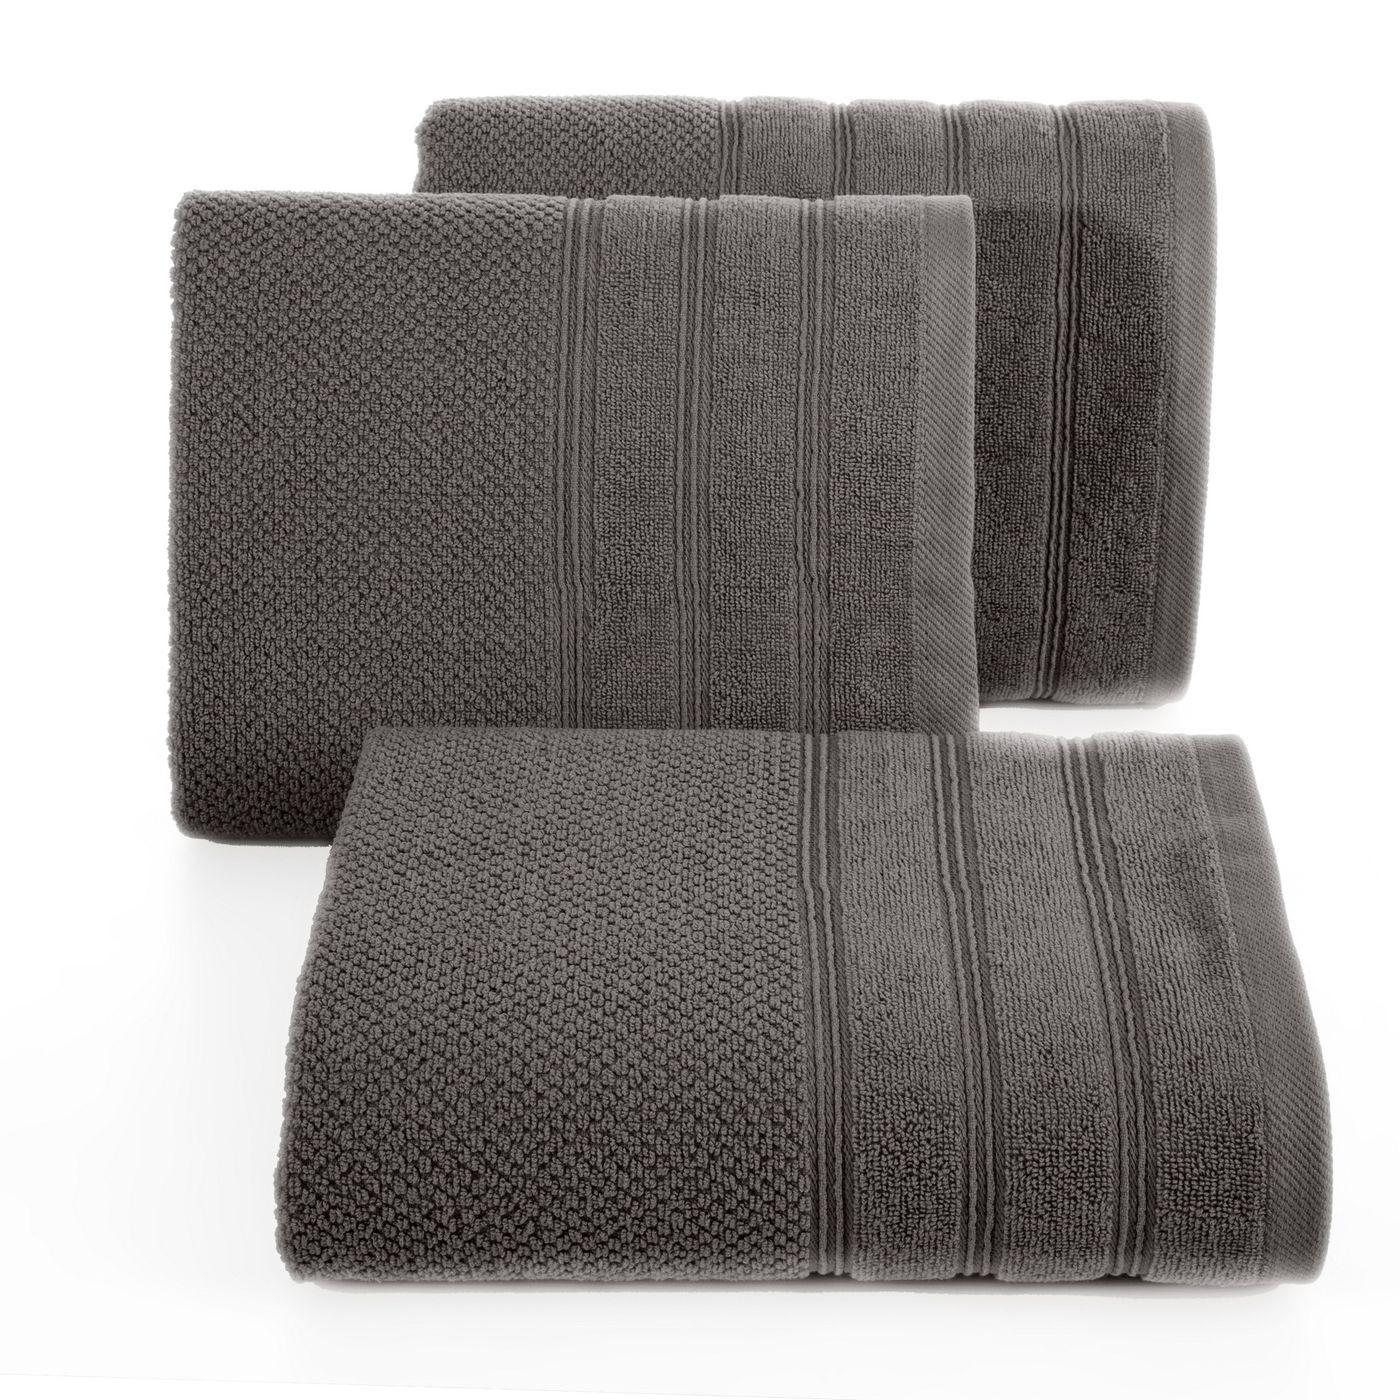 Bawełniany ręcznik kąpielowy frote grafitowy 50x90